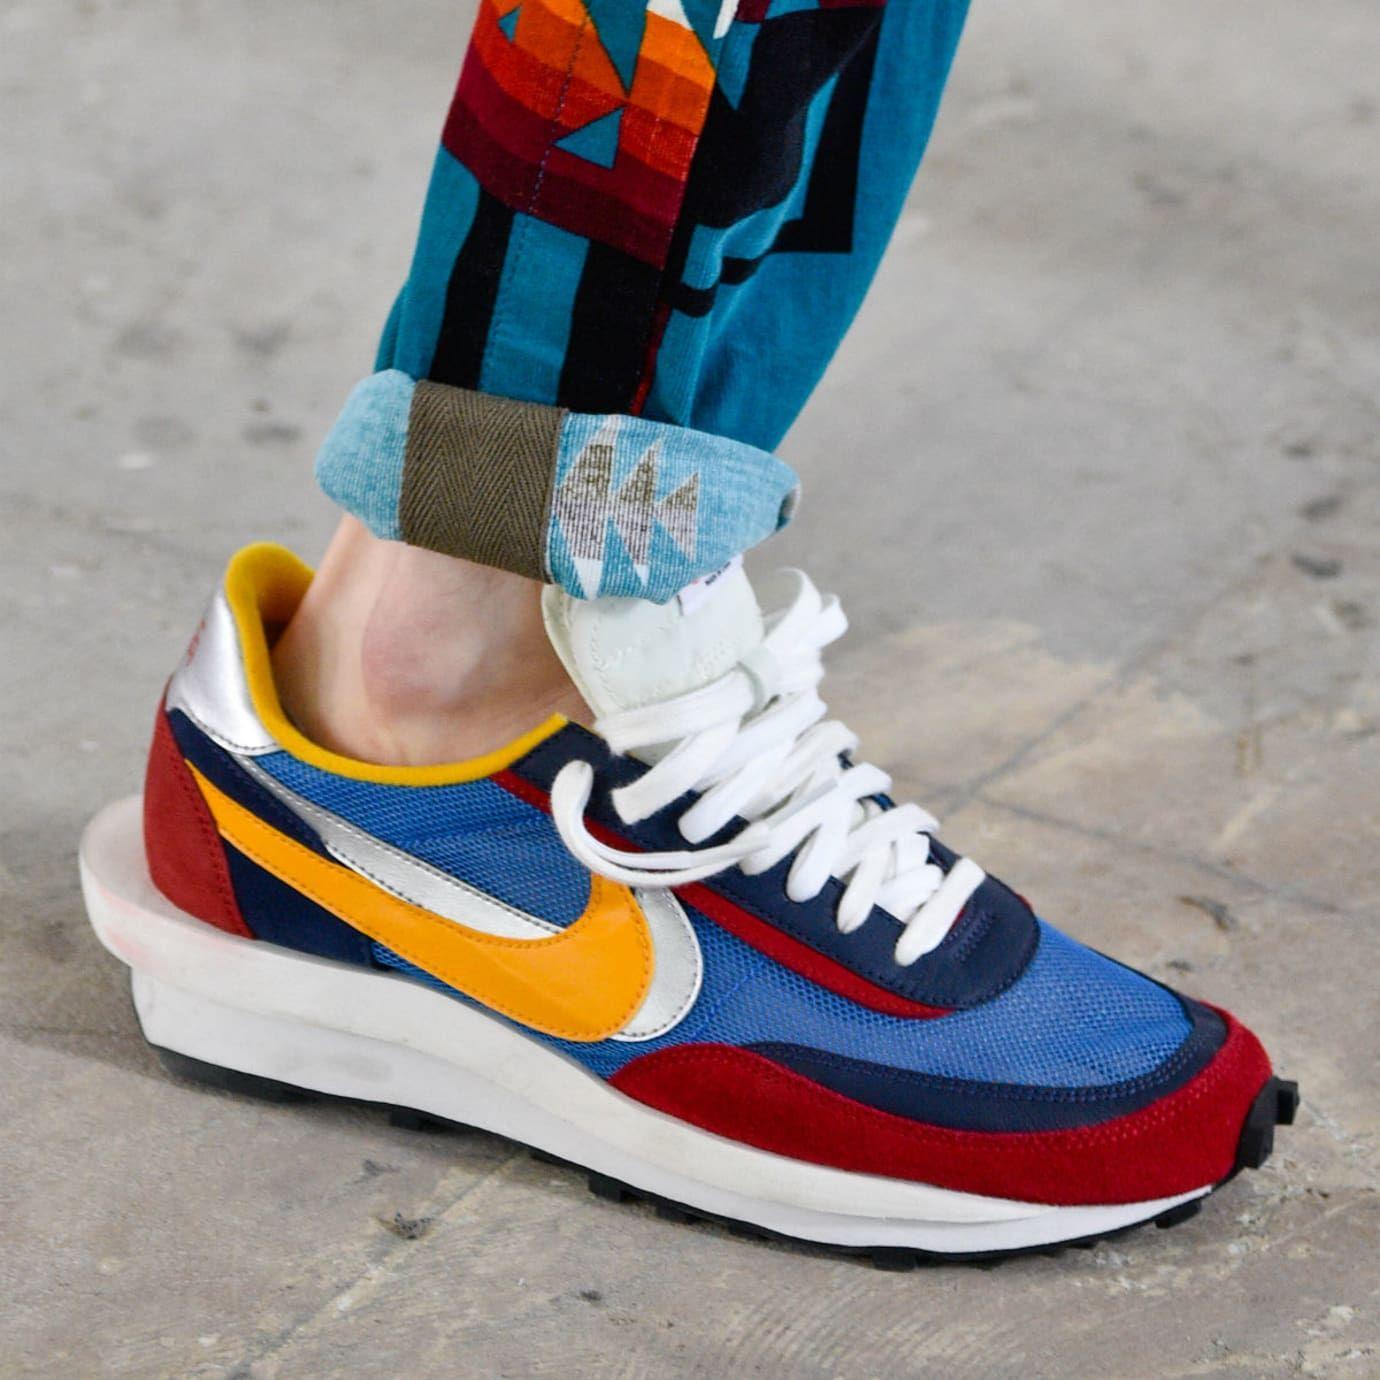 Nike x Sacai Cortez 2019